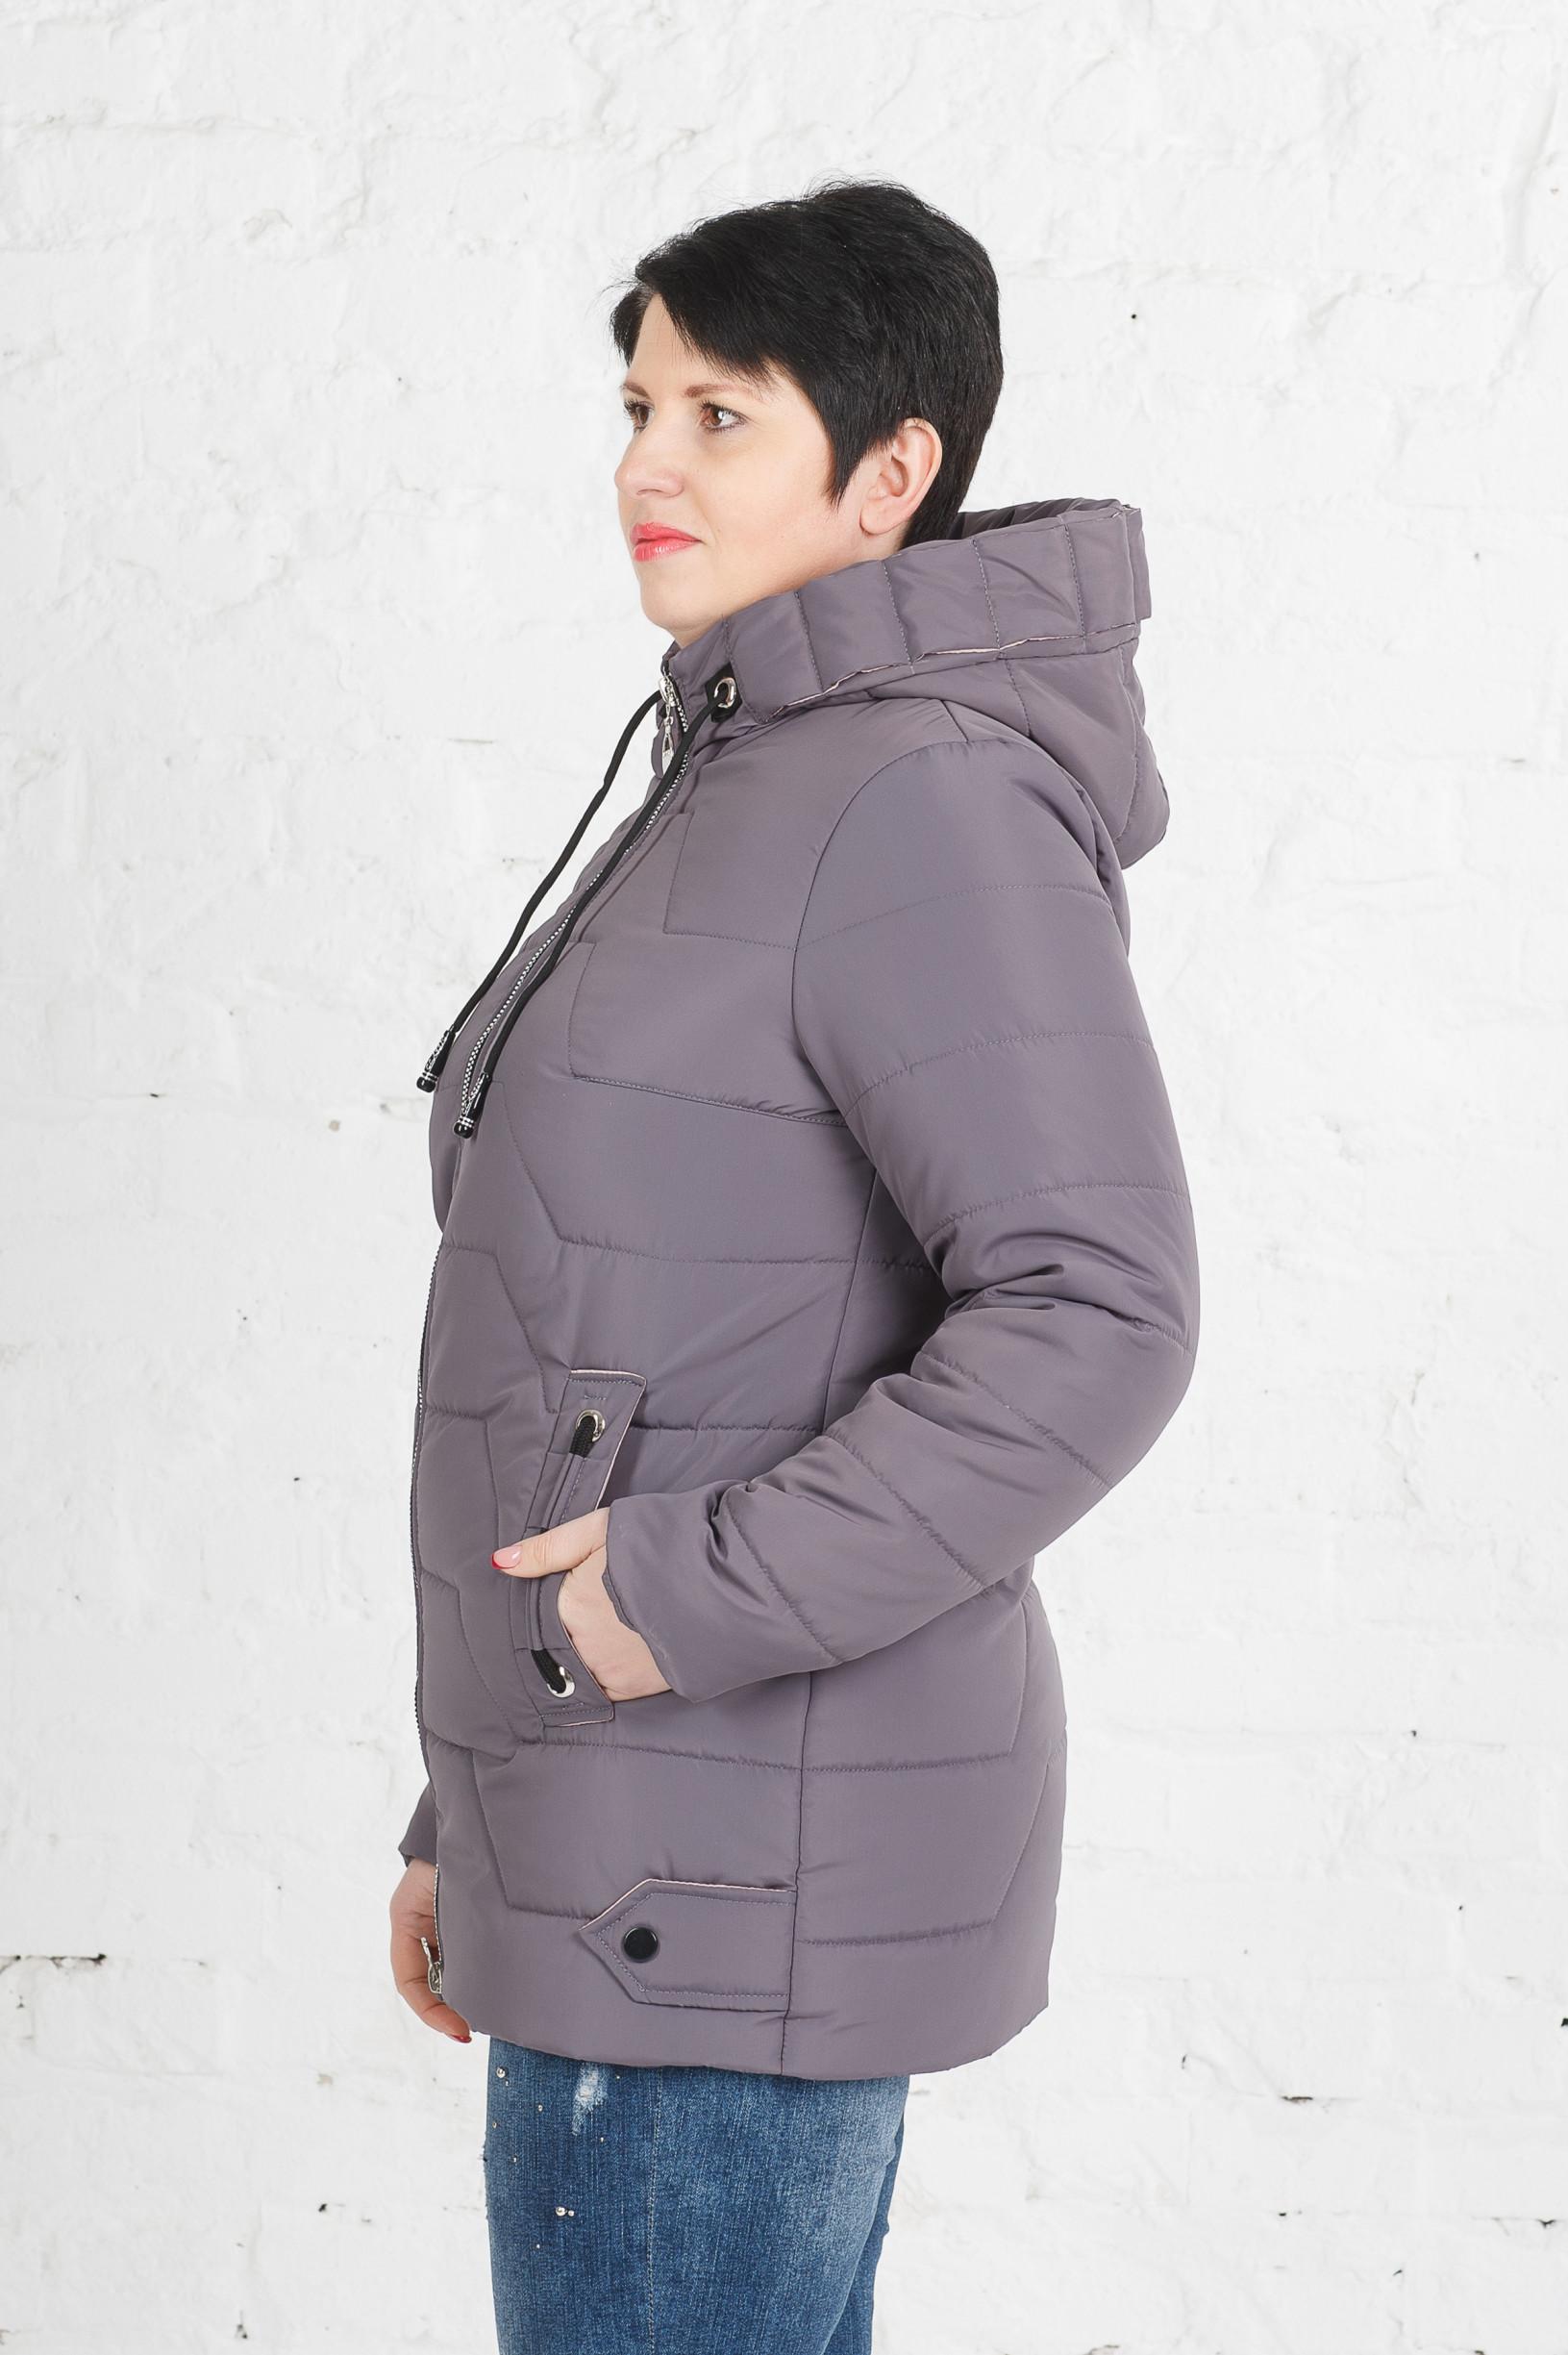 Женская весенняя куртка Кейси капучино